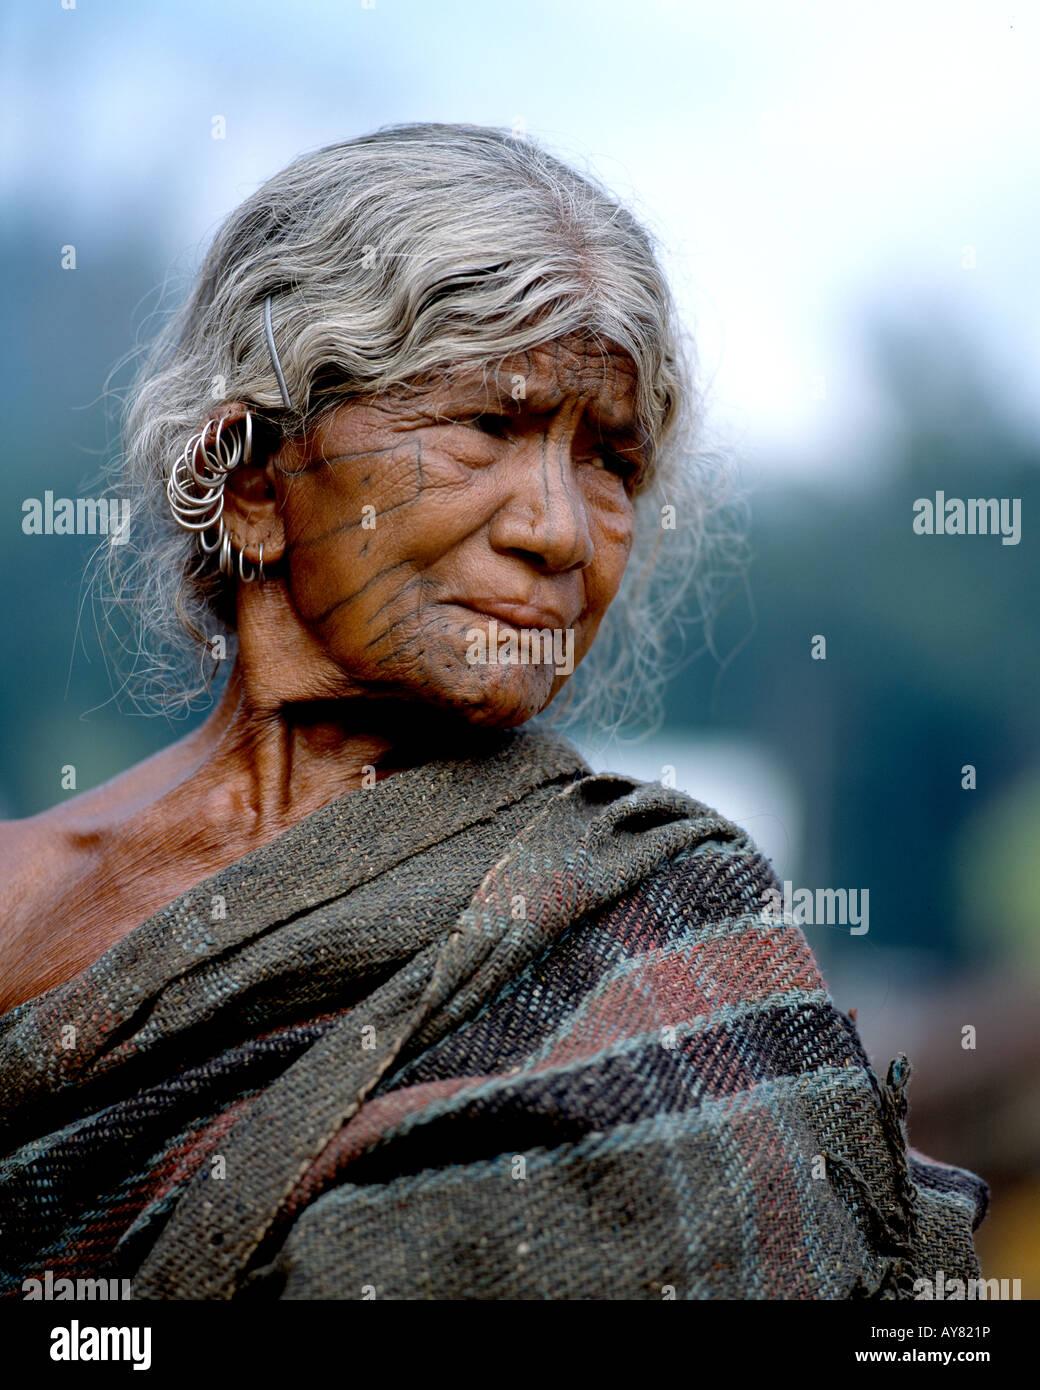 Tribal woman with facial tatoos, Orissa, India - Stock Image